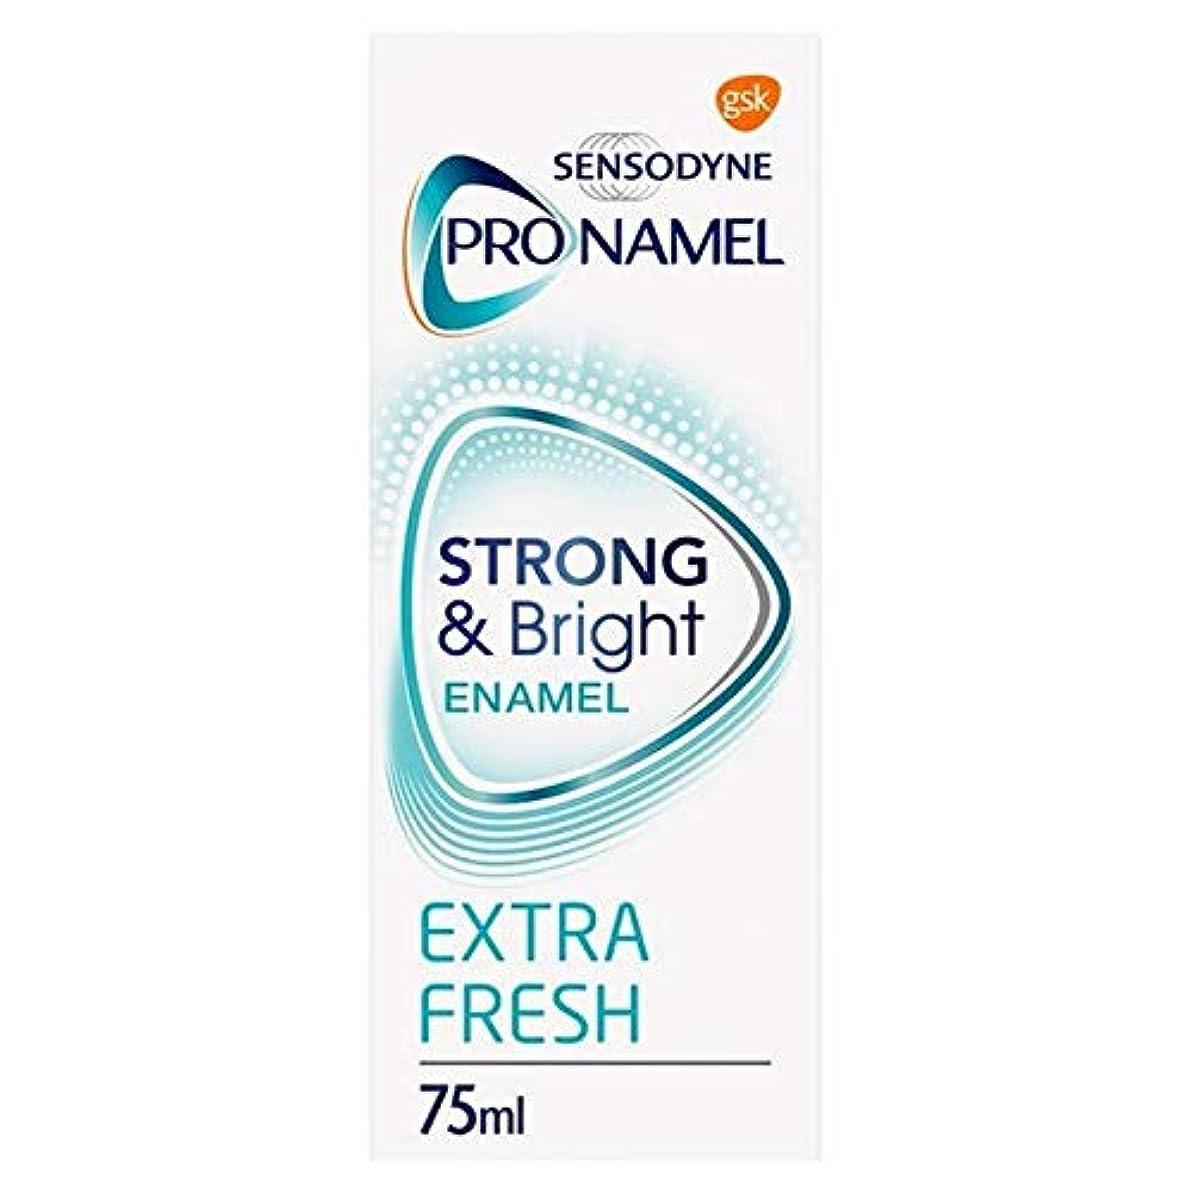 ルールアーカイブオーロック[Sensodyne] SensodyneのPronamel強い&ブライト歯磨き粉75ミリリットル - Sensodyne Pronamel Strong & Bright Toothpaste 75ml [並行輸入品]